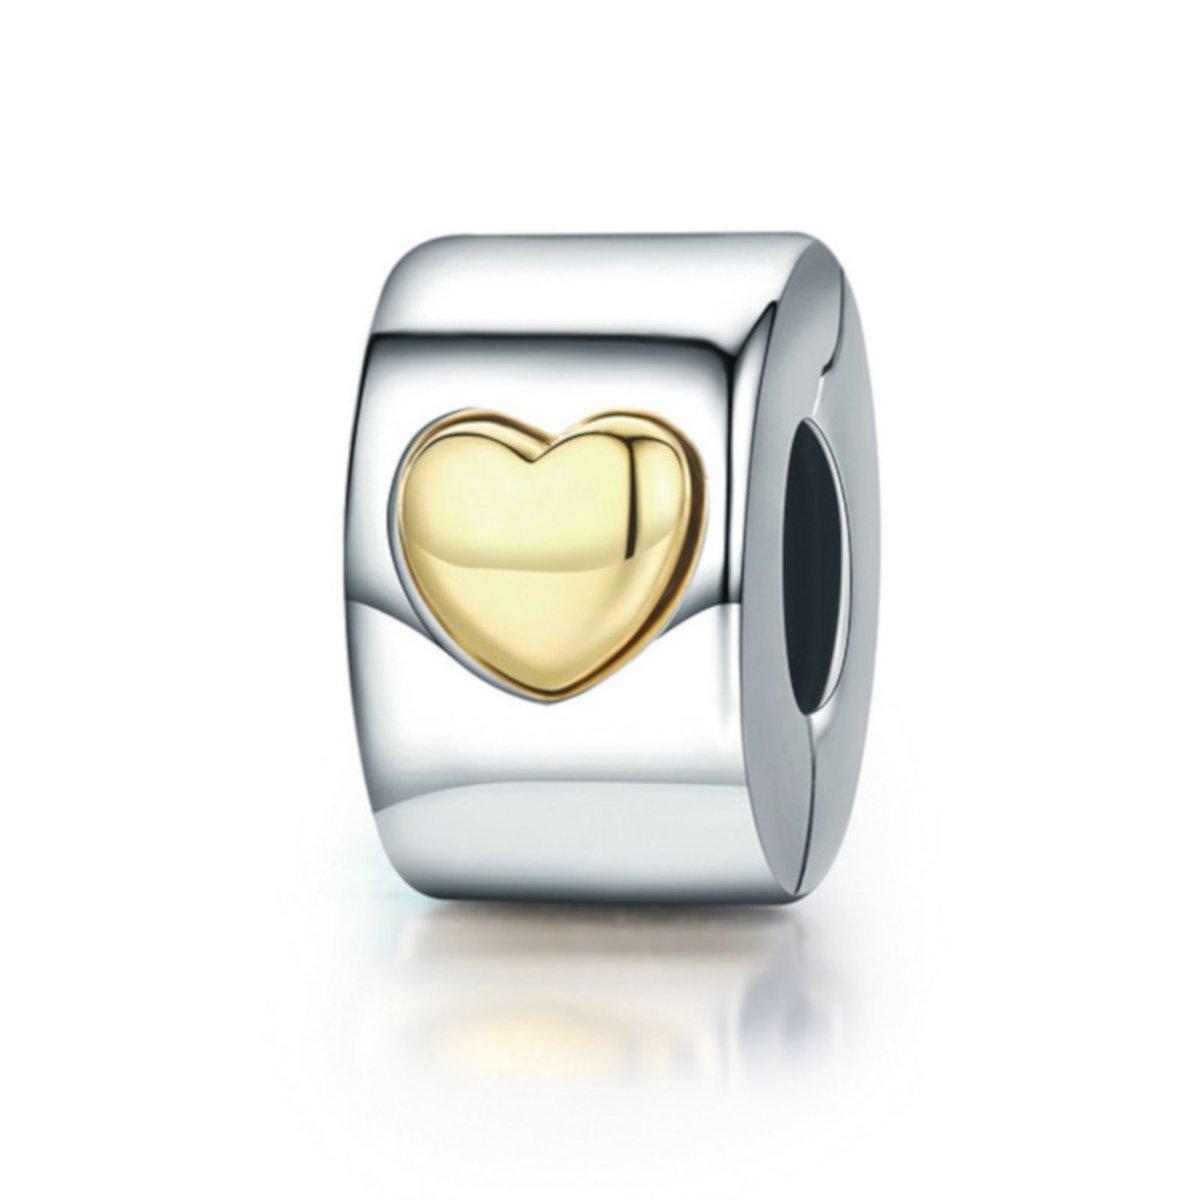 Zilveren clip met gouden hart kopen